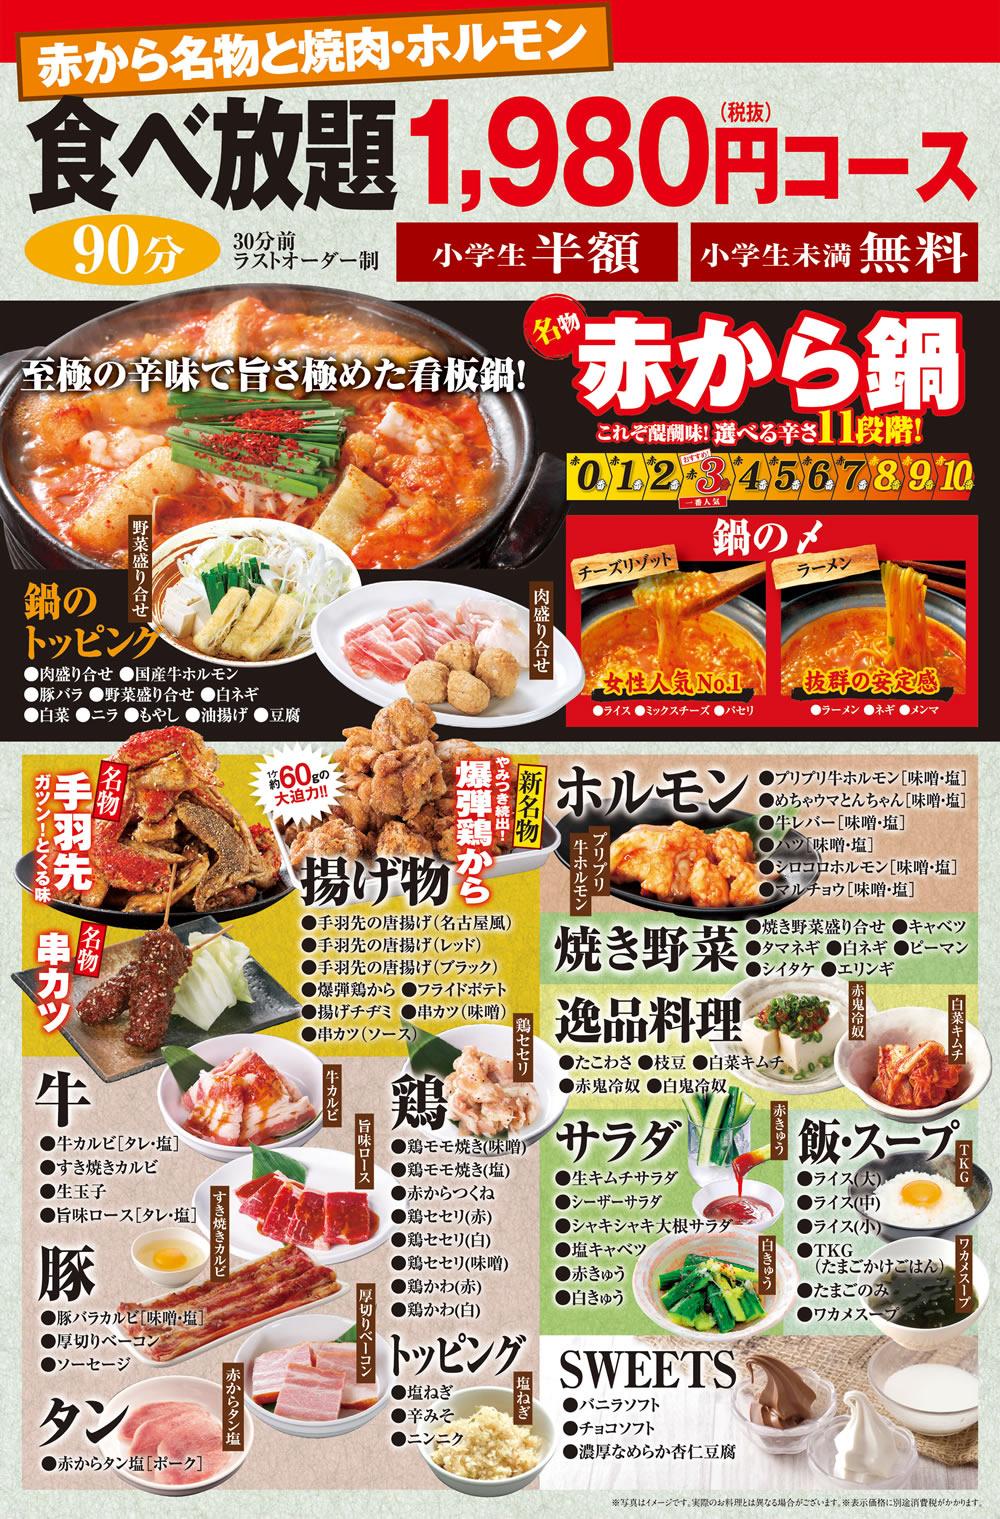 赤から名物と焼き肉・ホルモン 食べ放題1,980円ランチ